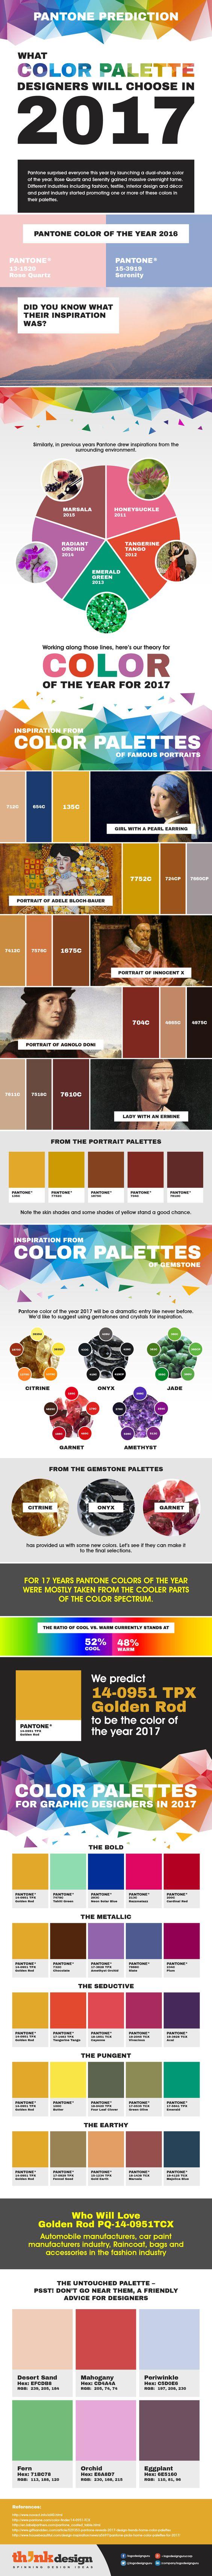 tendencia-colores-2017-diseño